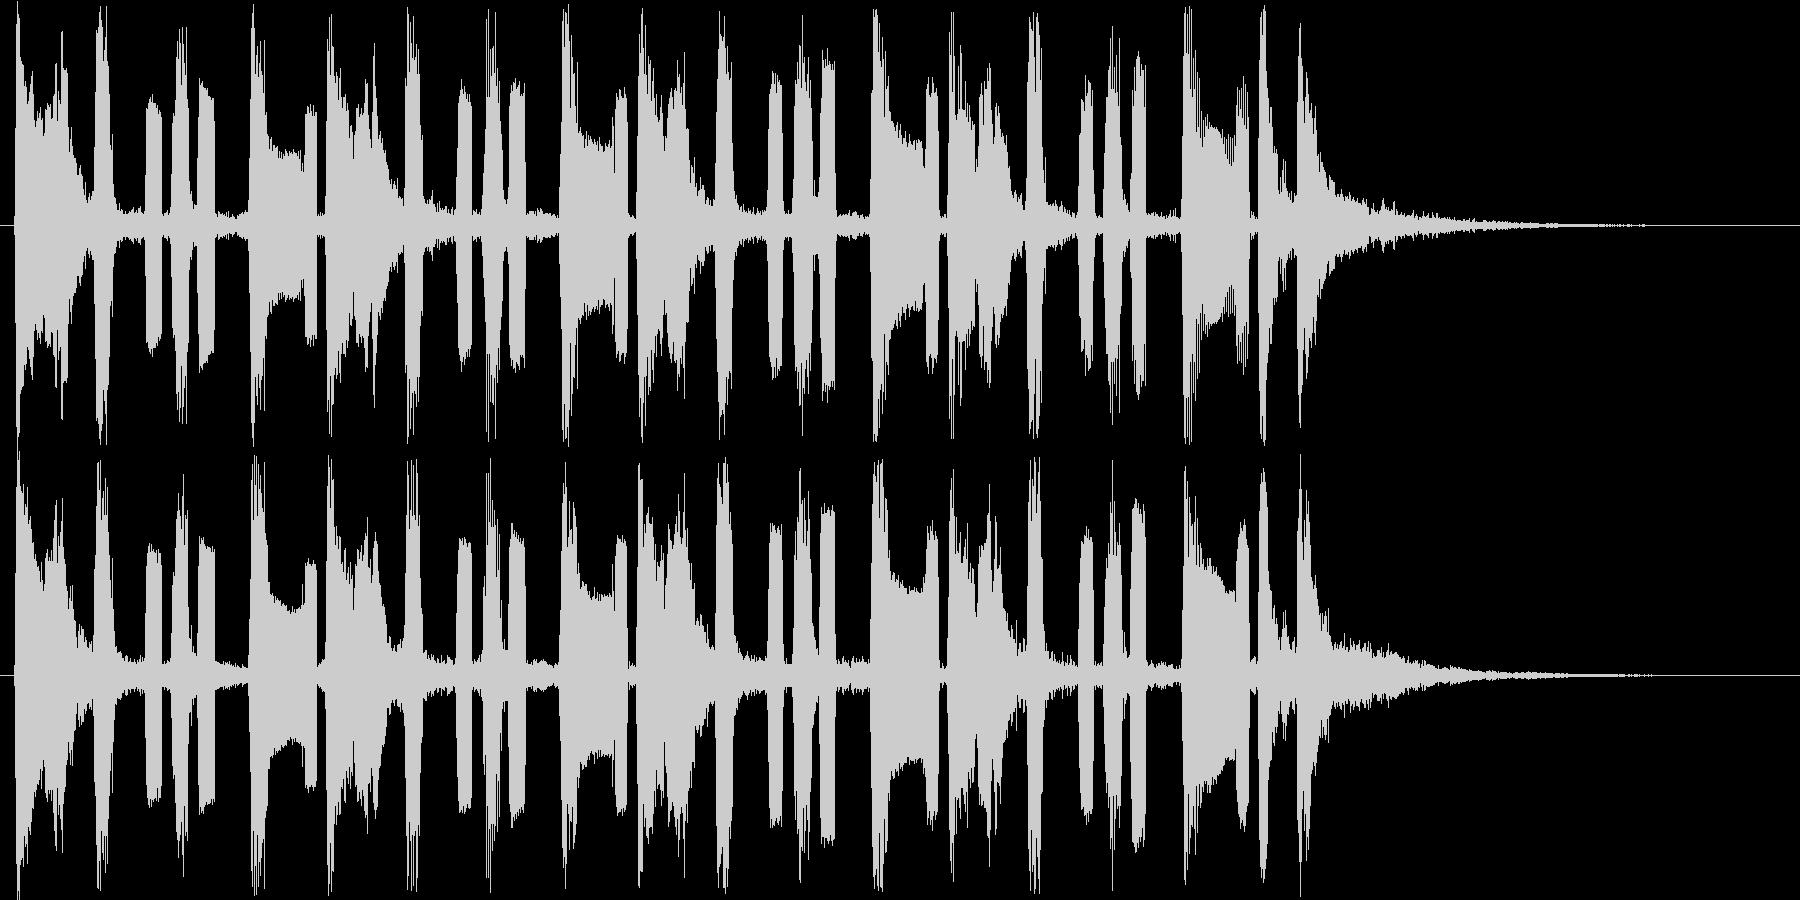 コミカルな音で様子を表す曲の未再生の波形